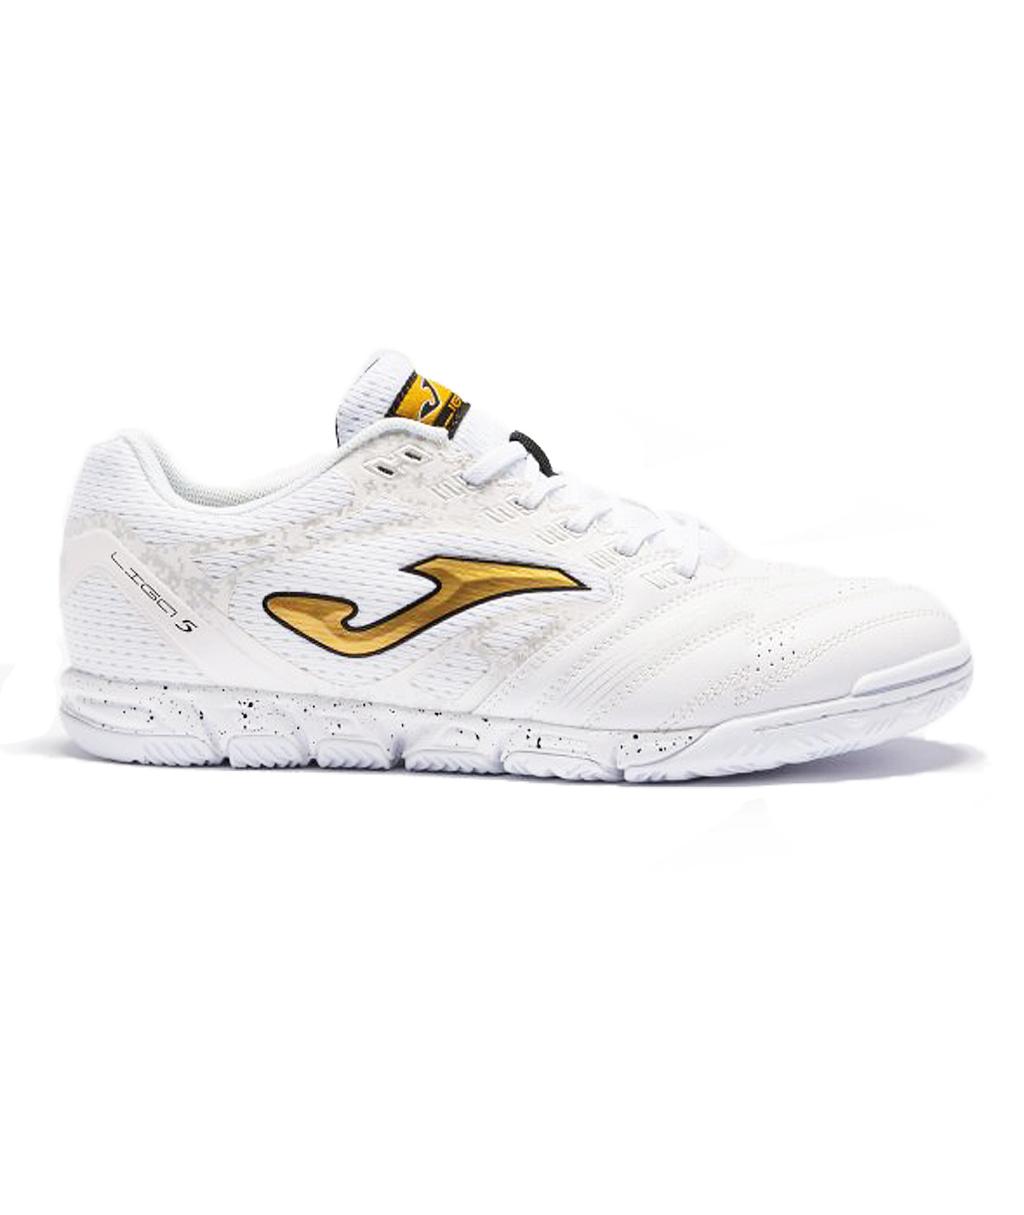 Купить белые футзалки Joma Liga 5 LIGS.2102.IN в интернет-магазине